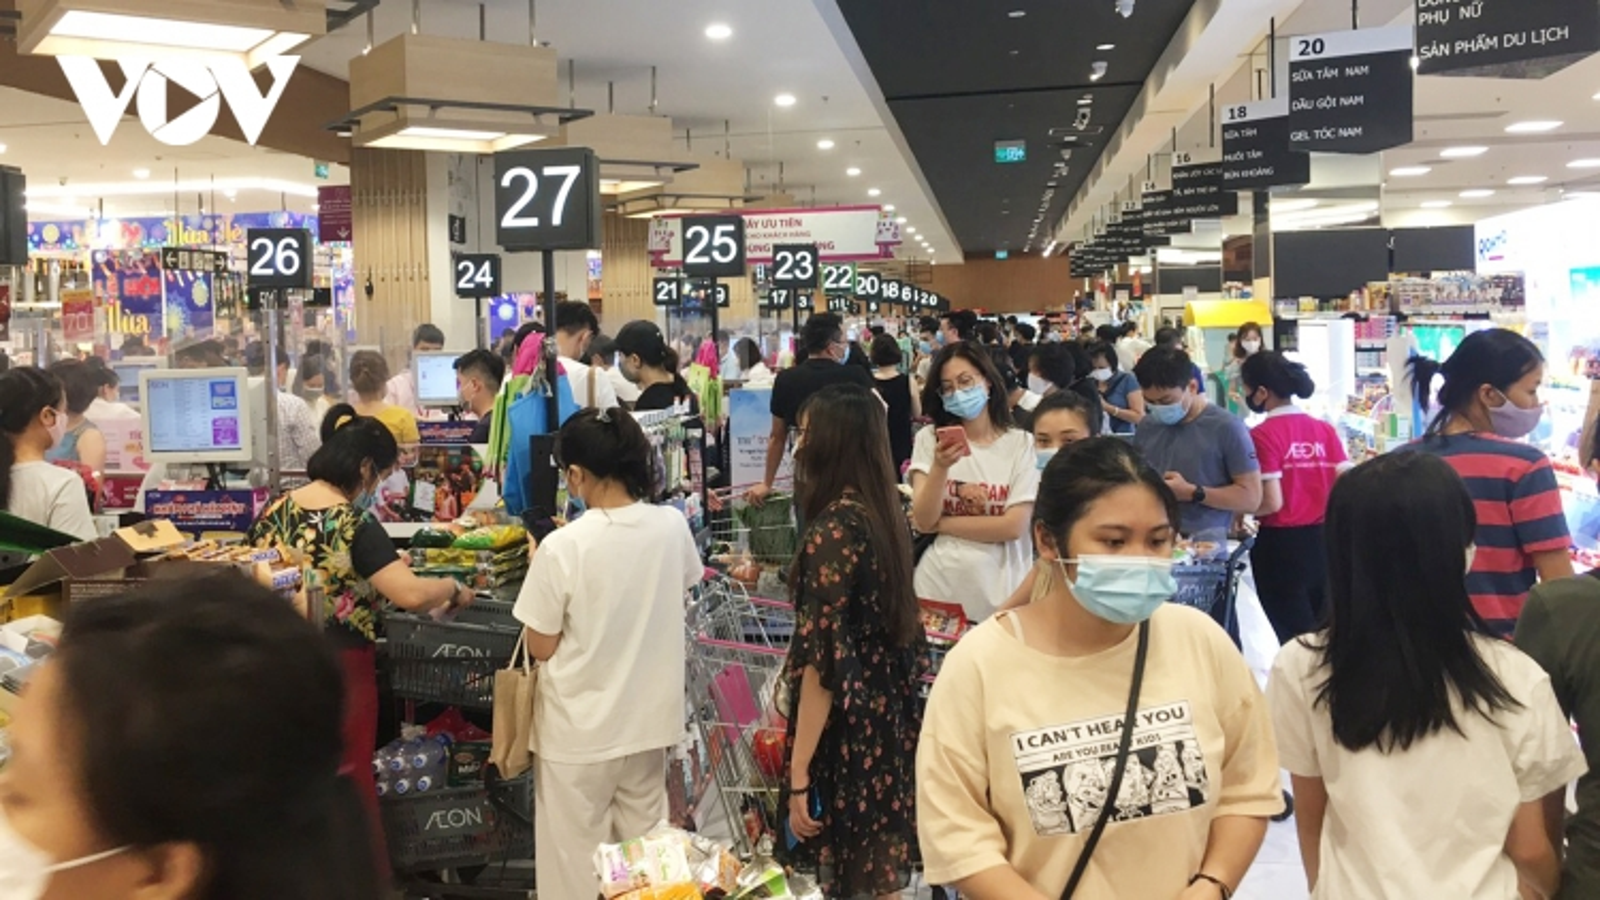 Aeon Mall Hà Đông đông nghẹt người, nhân viên siêu thị liên tục cấp hàng